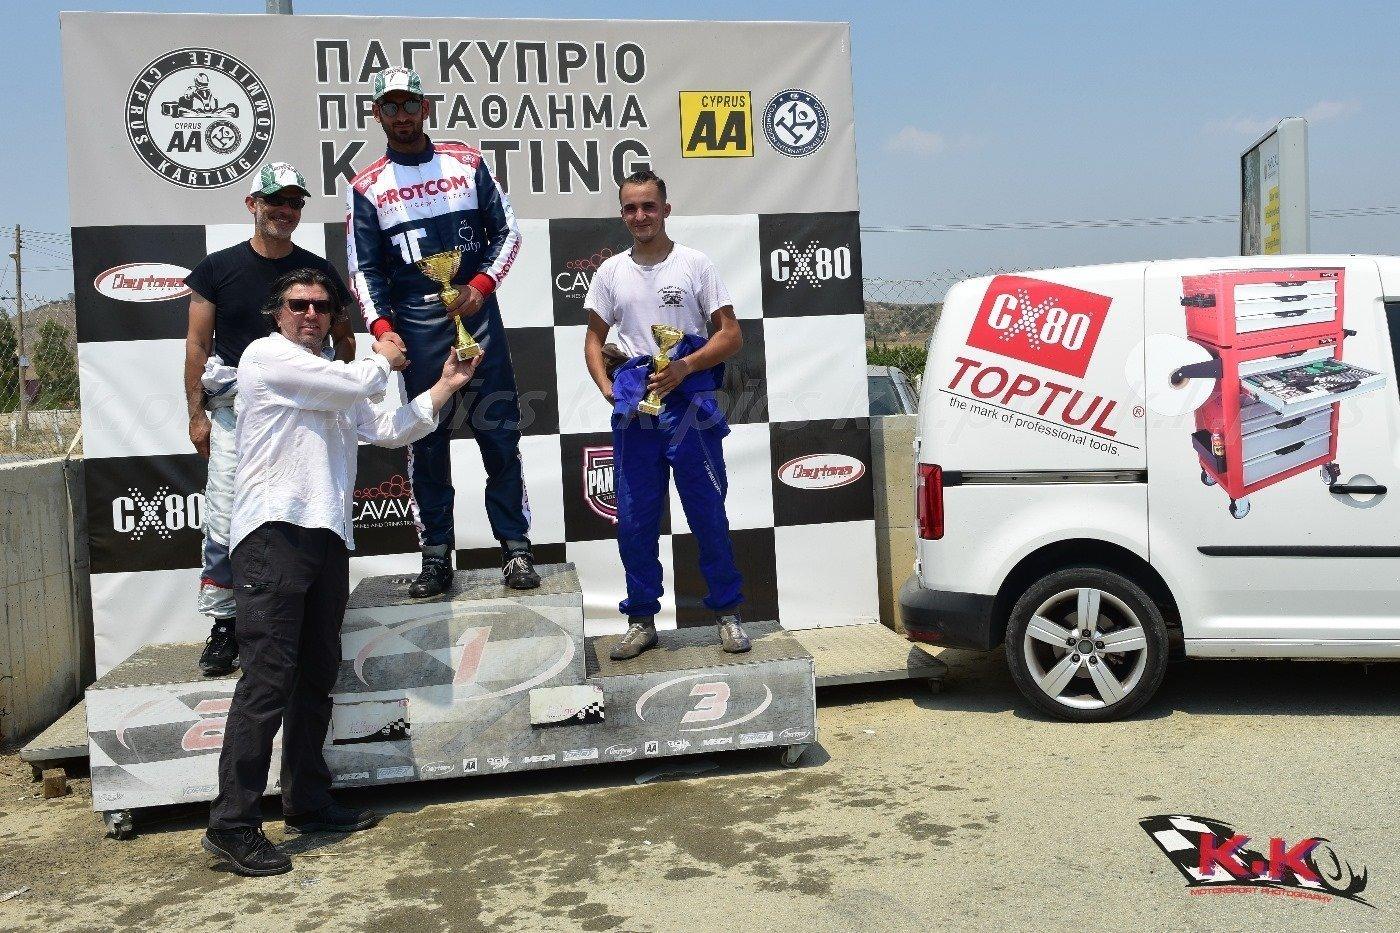 Cyprus Karting race 3-4